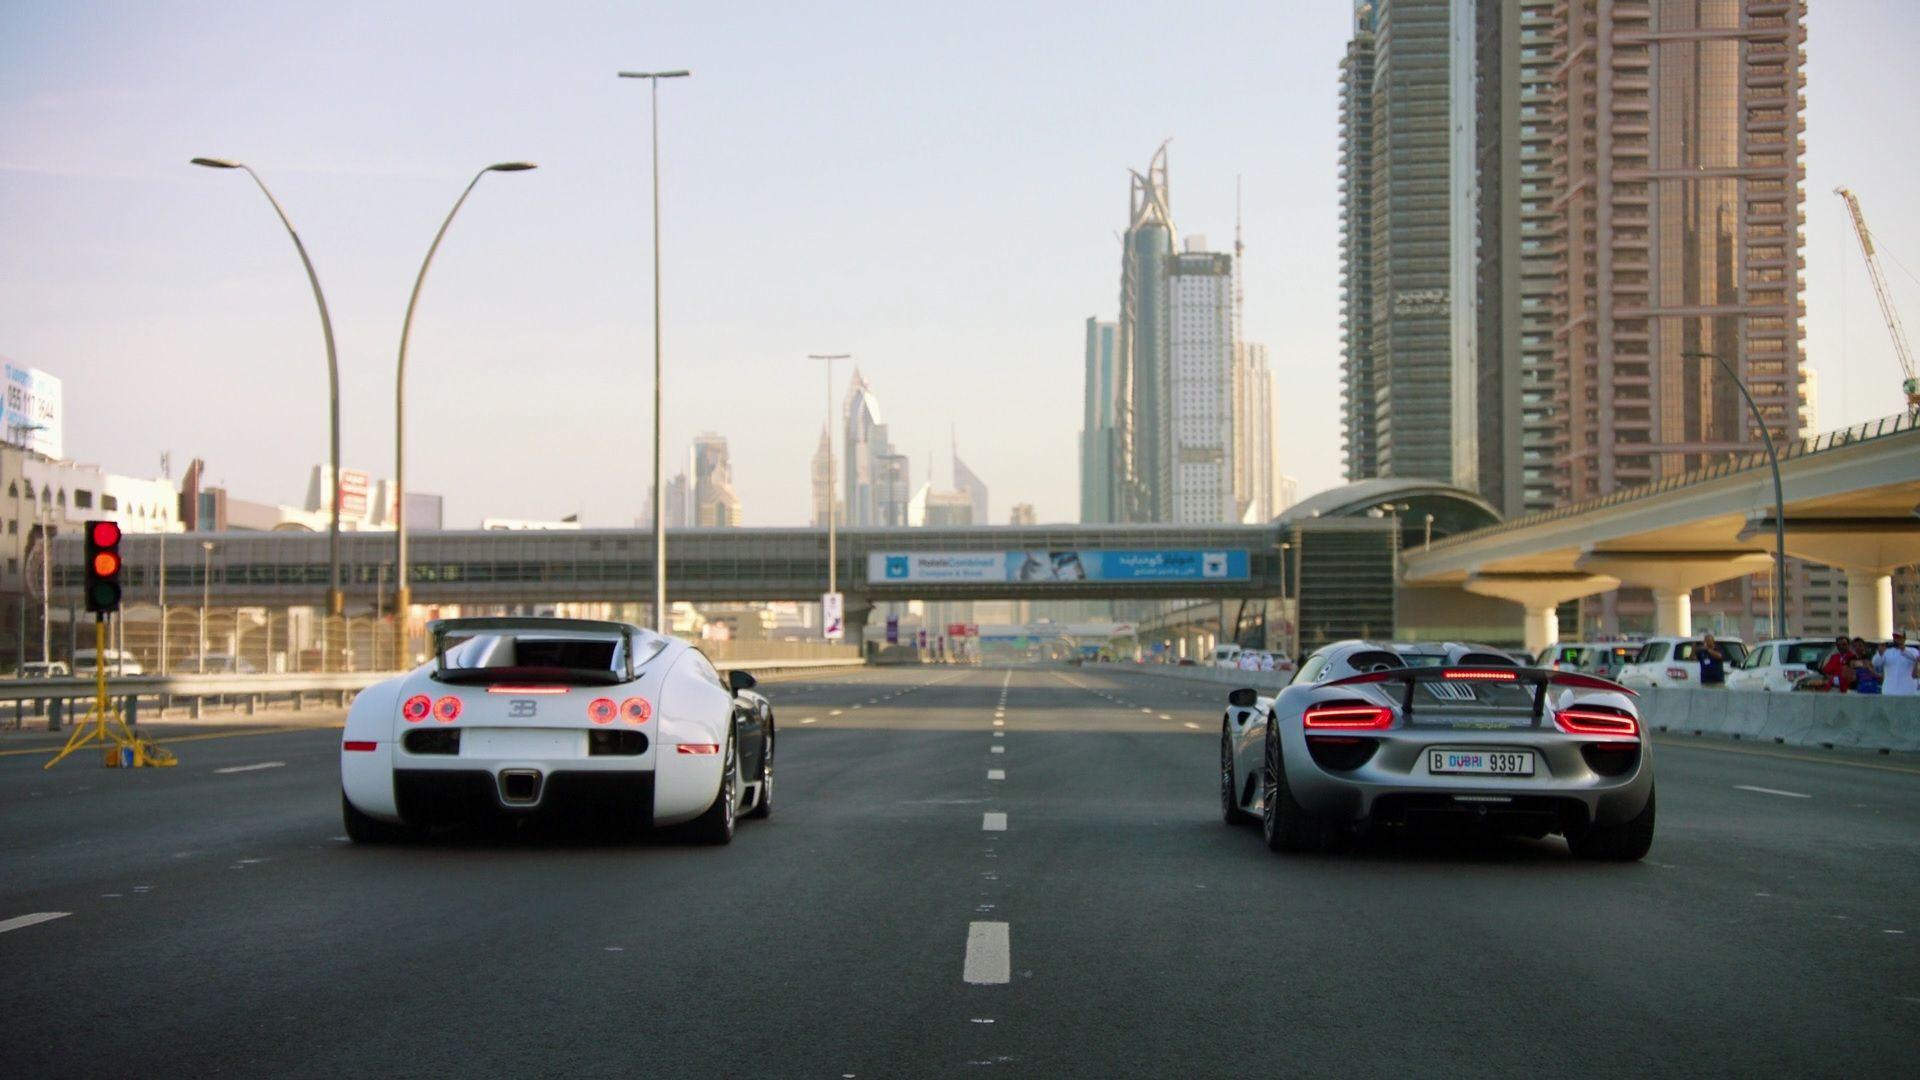 b5472e412b6fd79673cdae703f995d50 Gorgeous Porsche 918 Spyder Drag Race Cars Trend